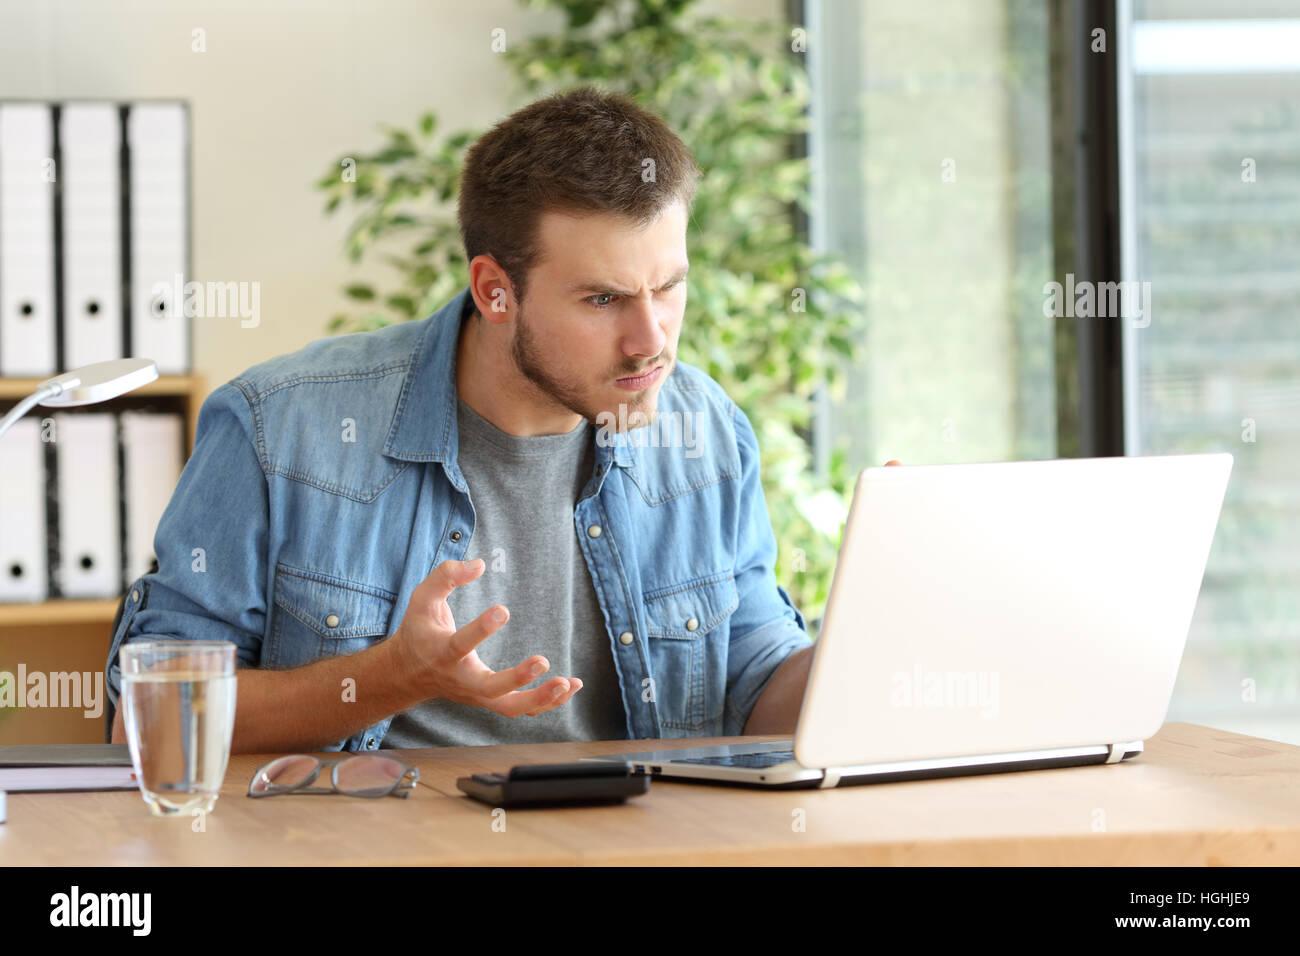 Professionnel Indépendant en colère des problèmes en ligne avec un ordinateur portable dans un bureau Photo Stock